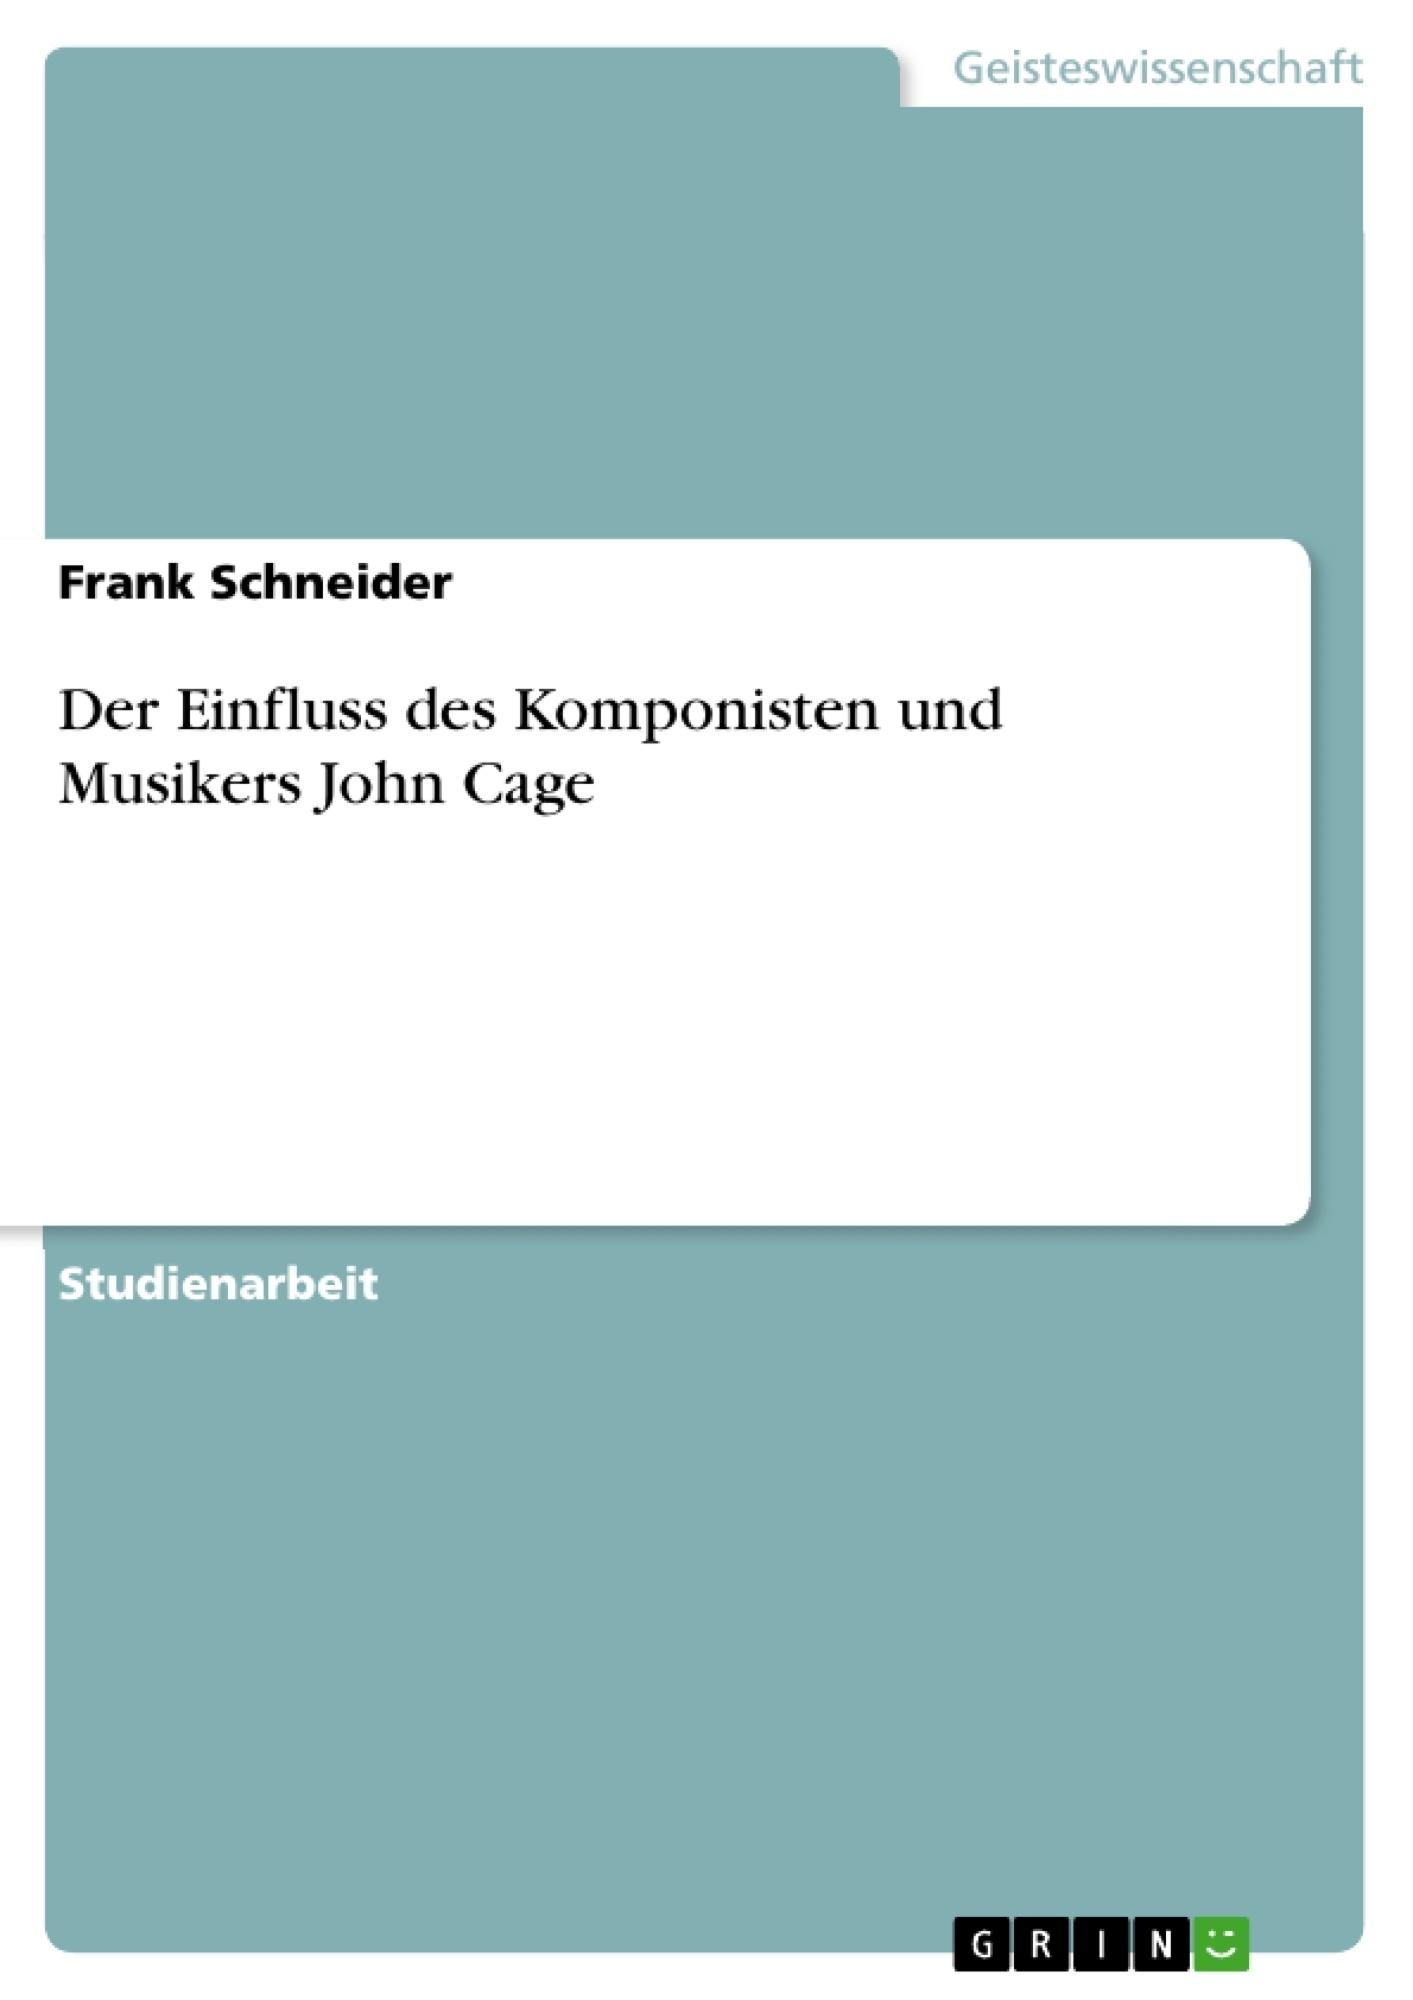 Titel: Der Einfluss des Komponisten und Musikers John Cage